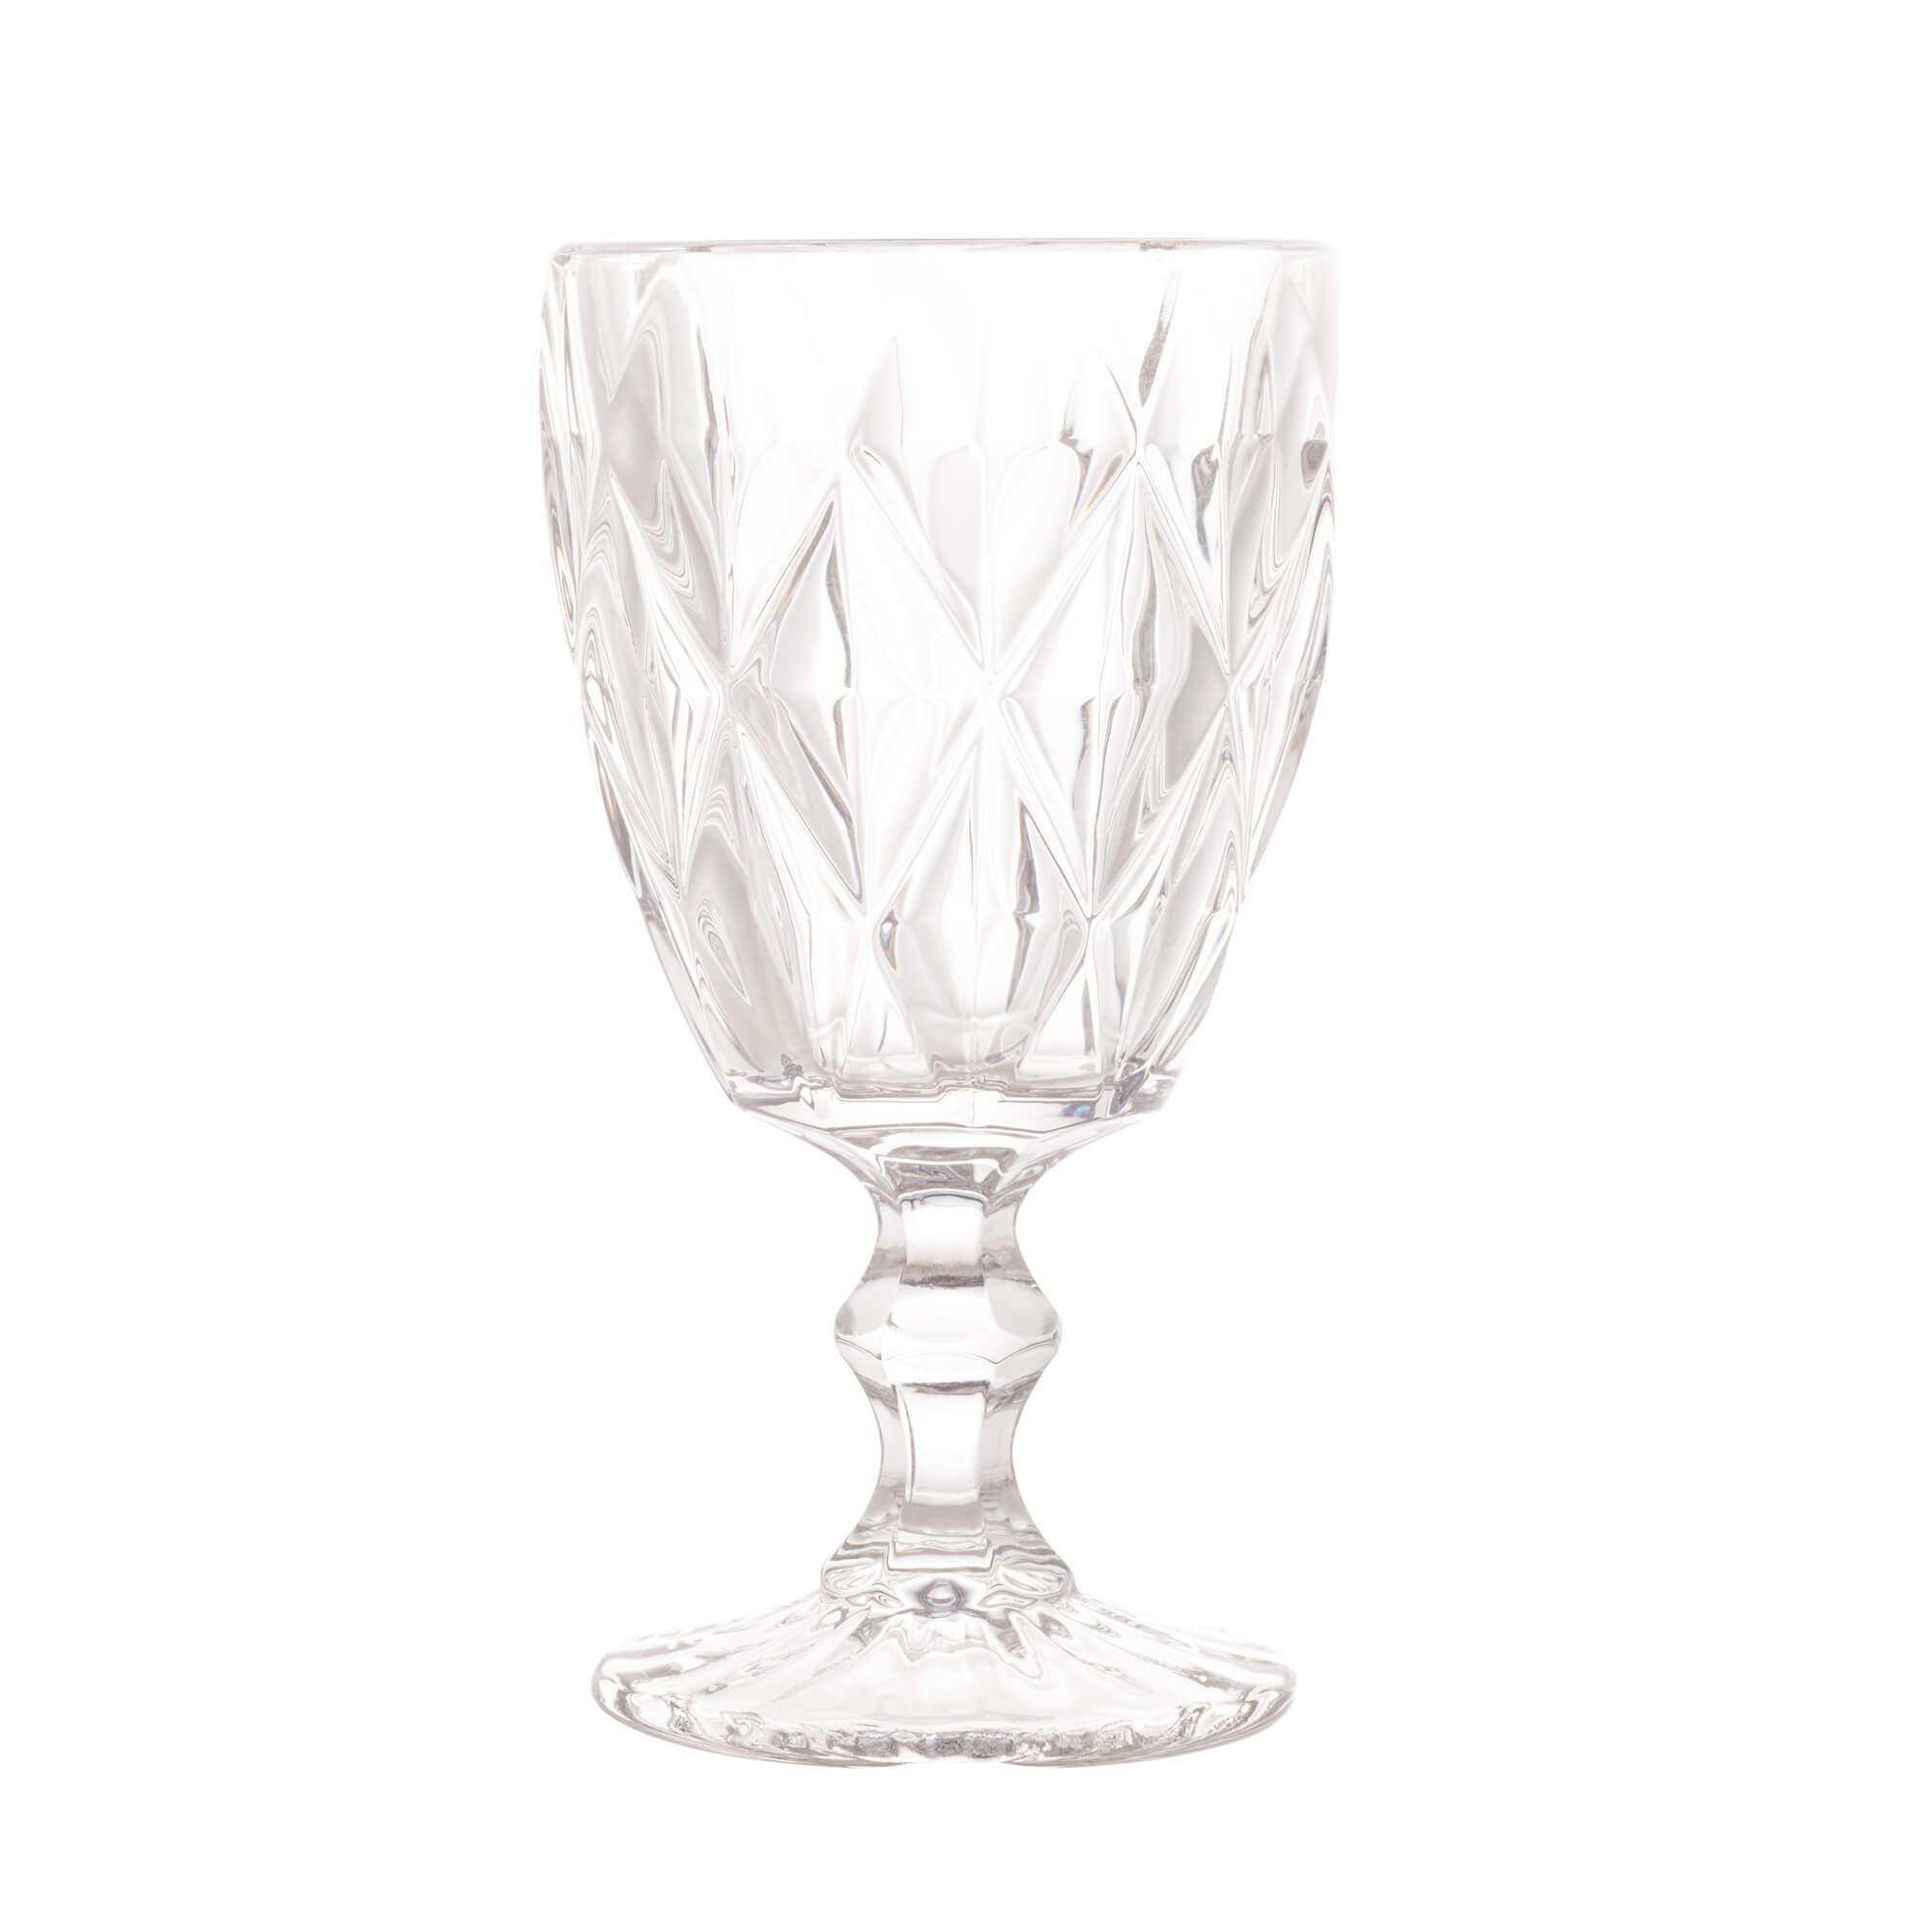 Jogo de 6 Taças para Água de Vidro Diamond Transparente 325ml